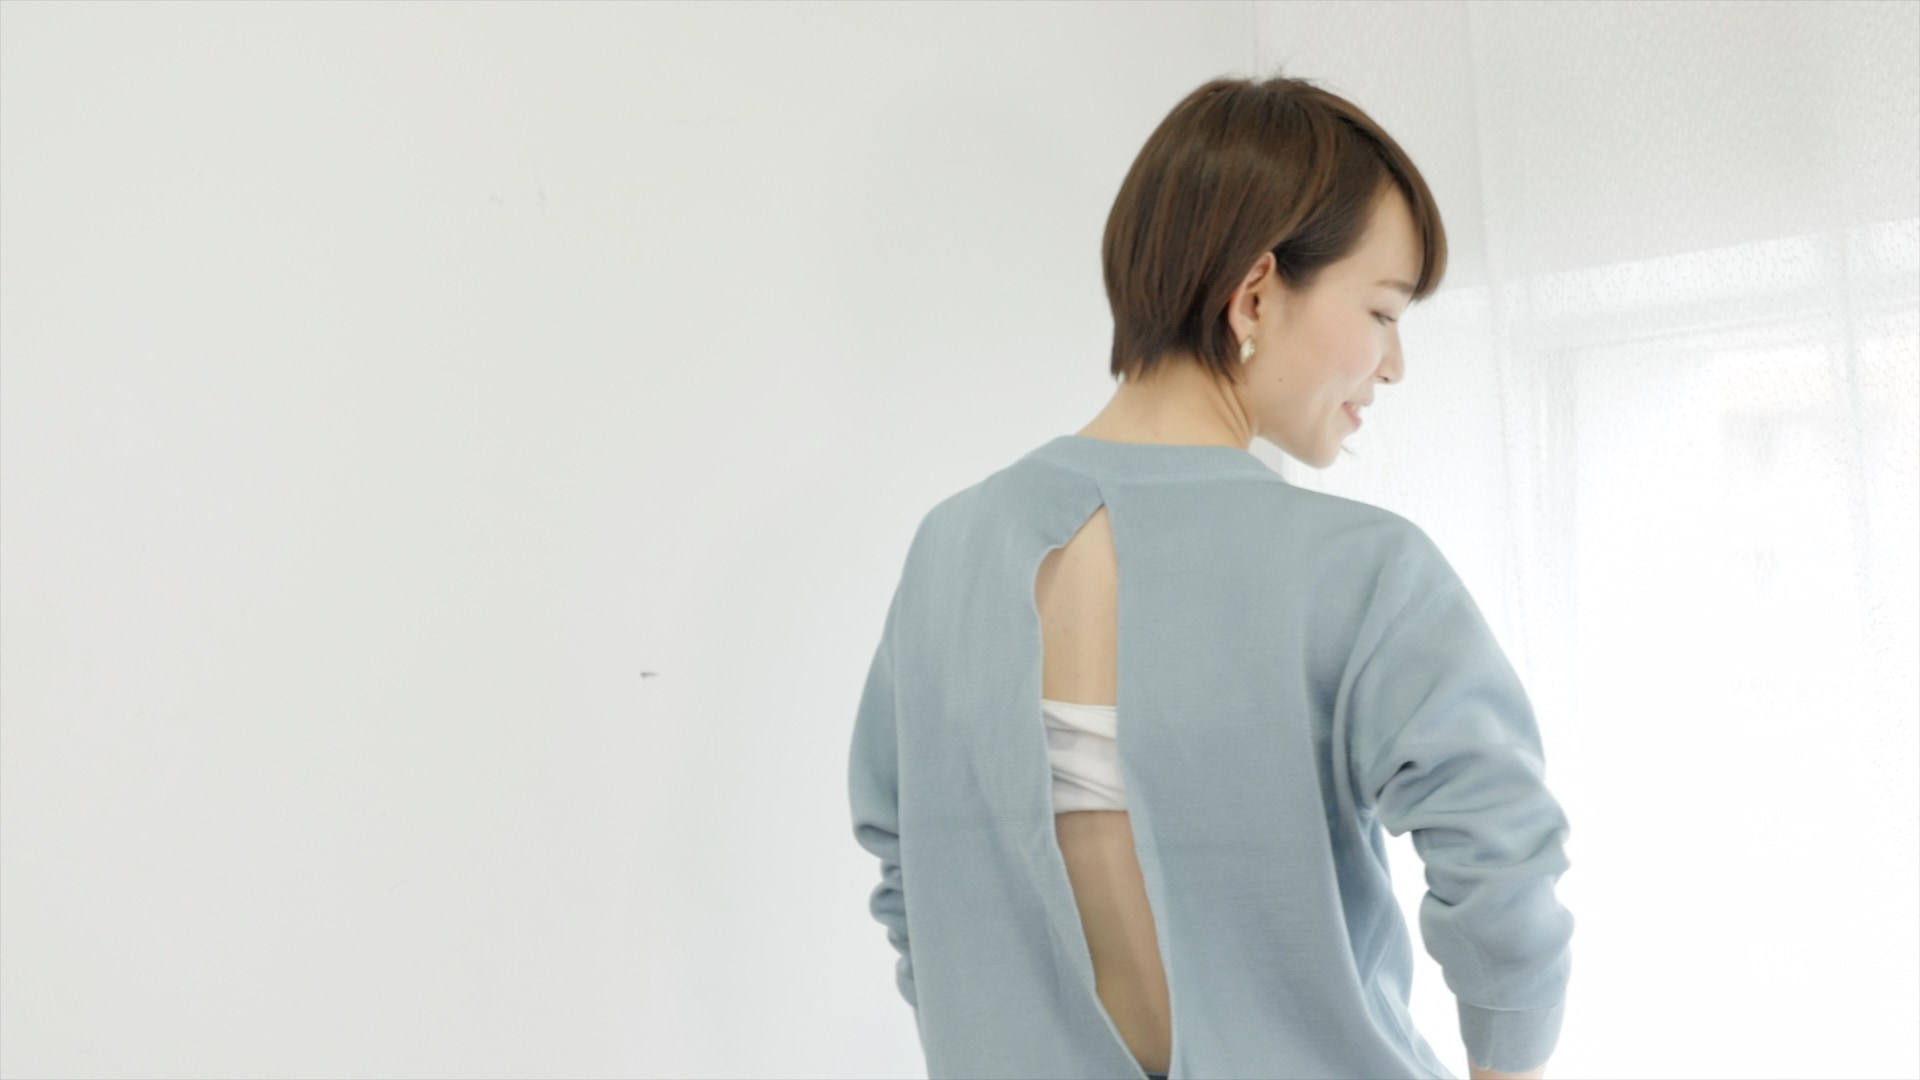 バックシャントップスも自信を持って着られる背中に/セルフマッサージ肩甲骨編